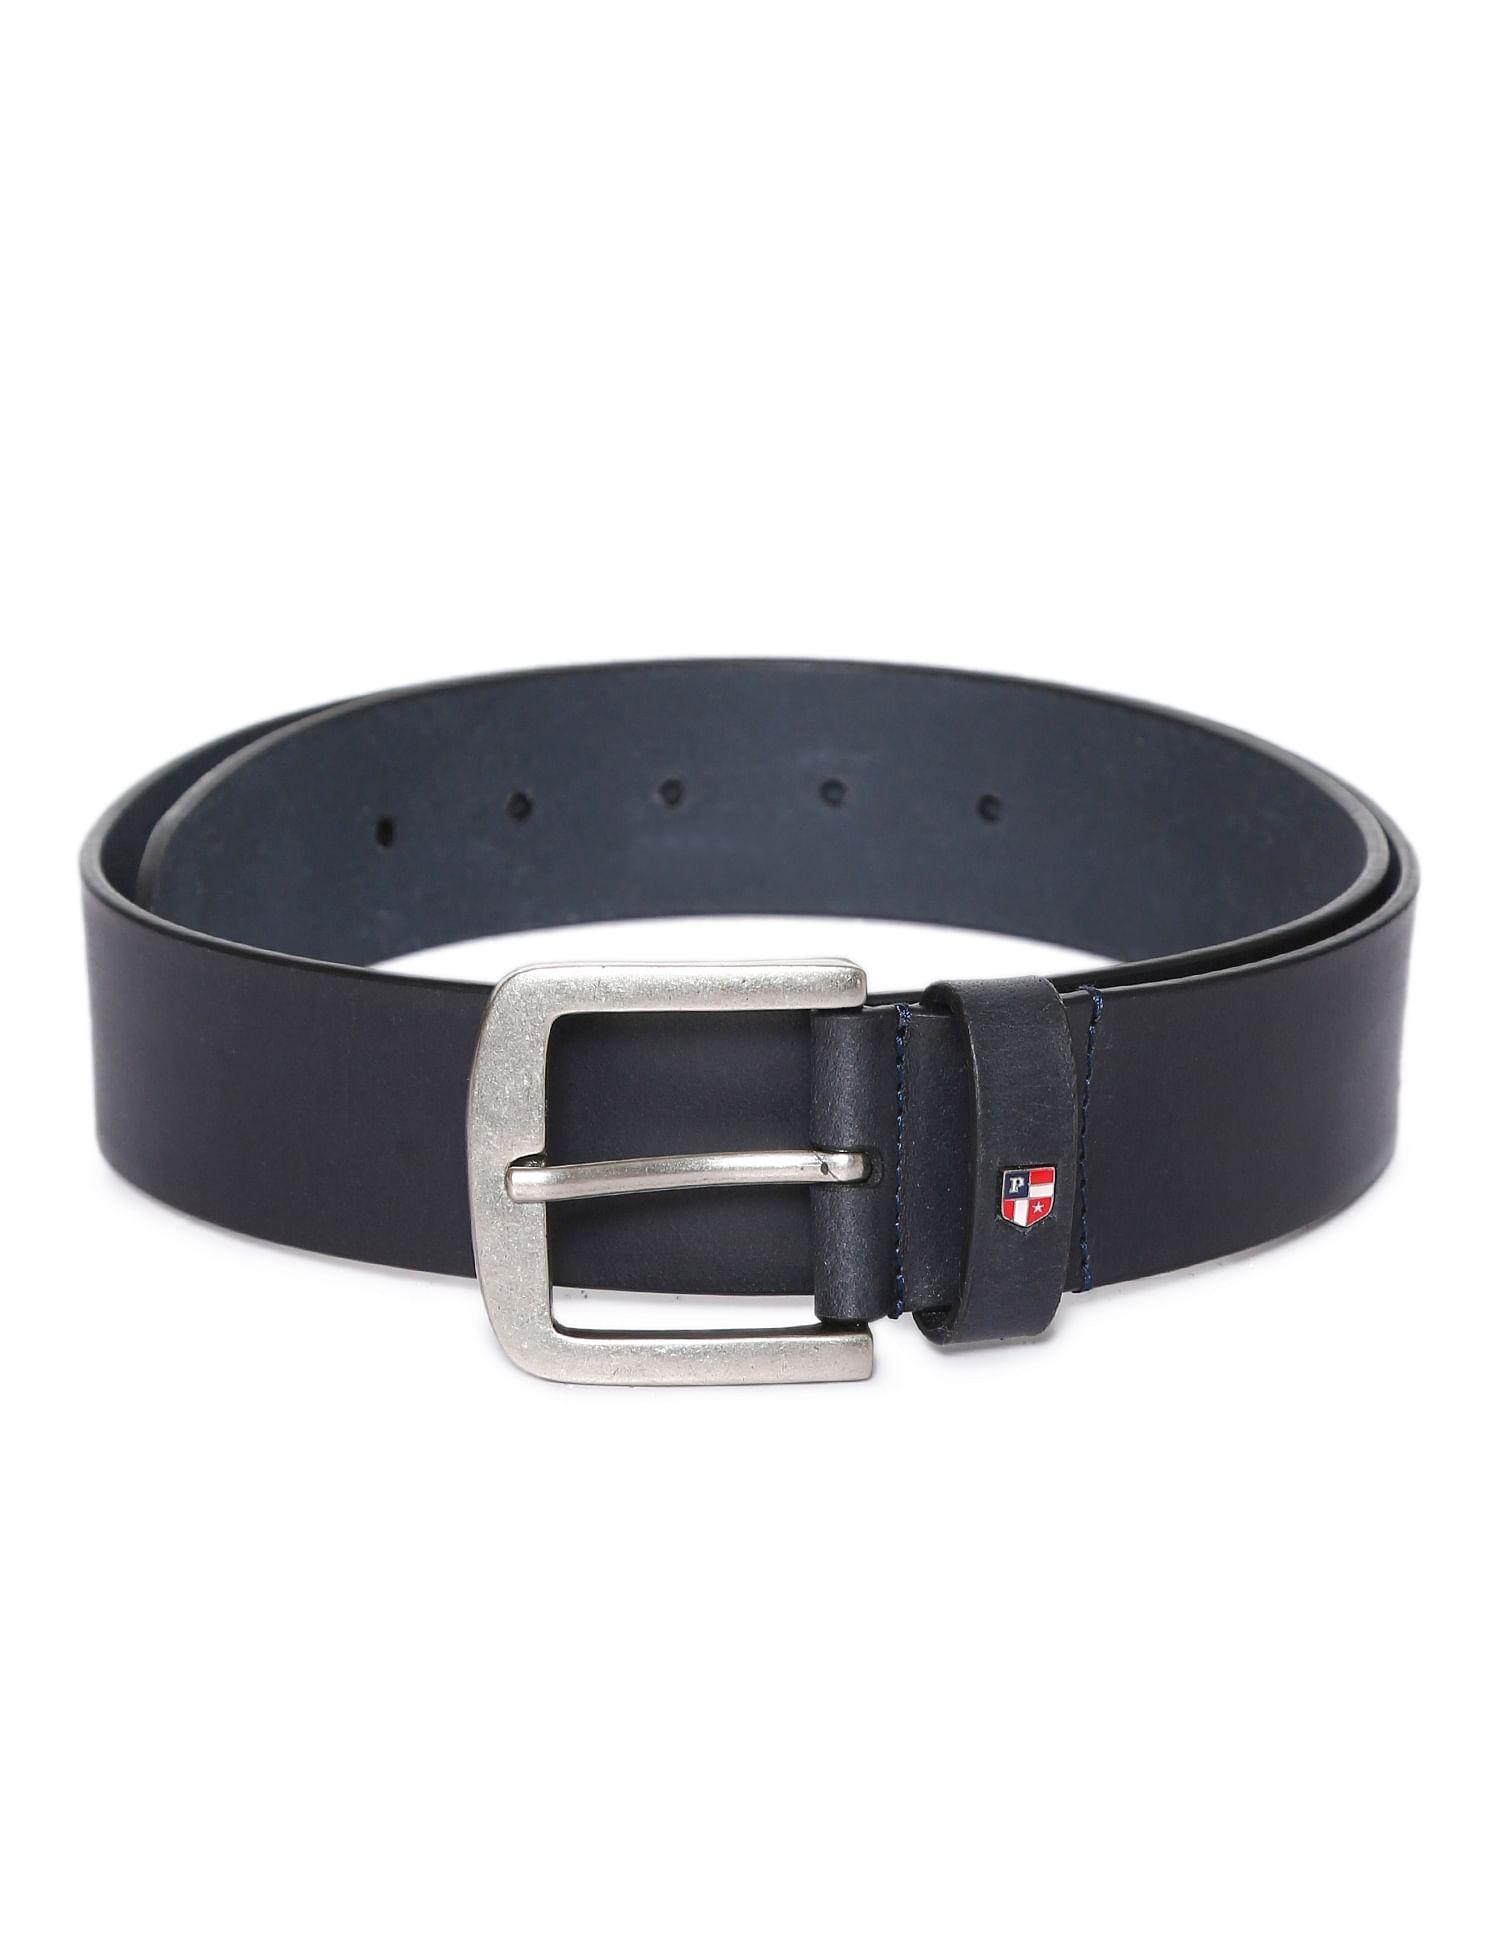 U.S. Polo Assn. Men Casual Wear Solid Belt